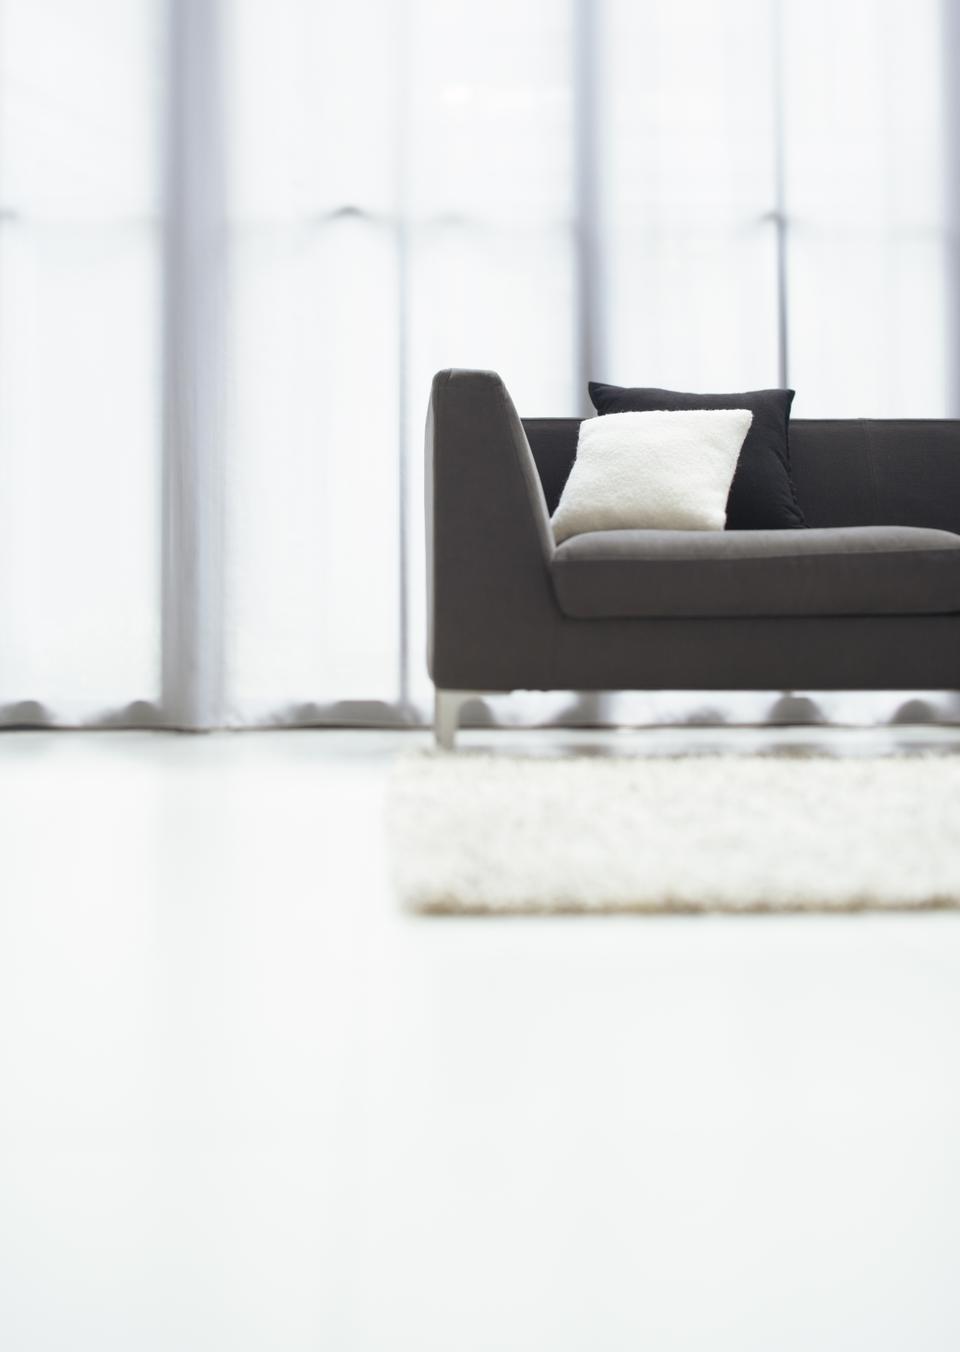 Dark sofa in room